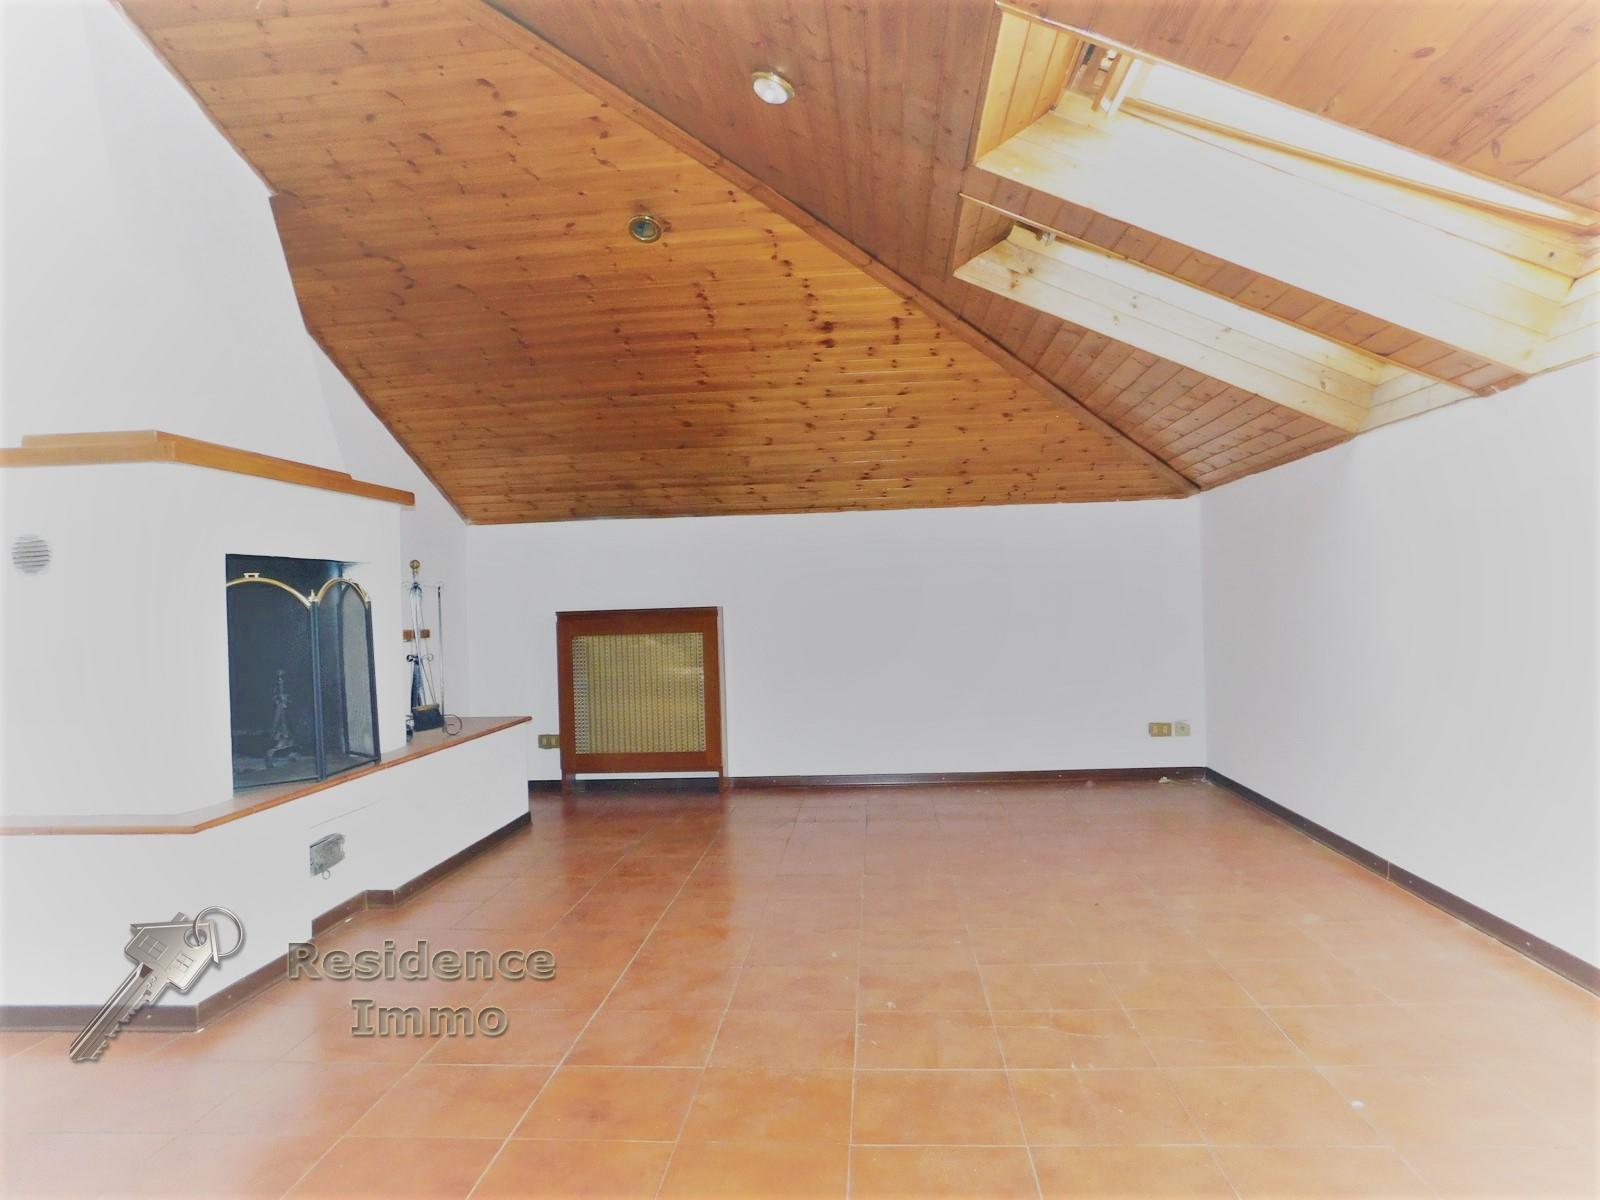 Attico / Mansarda in vendita a Bolzano, 5 locali, zona Zona: Residenziale, prezzo € 375.000 | Cambio Casa.it